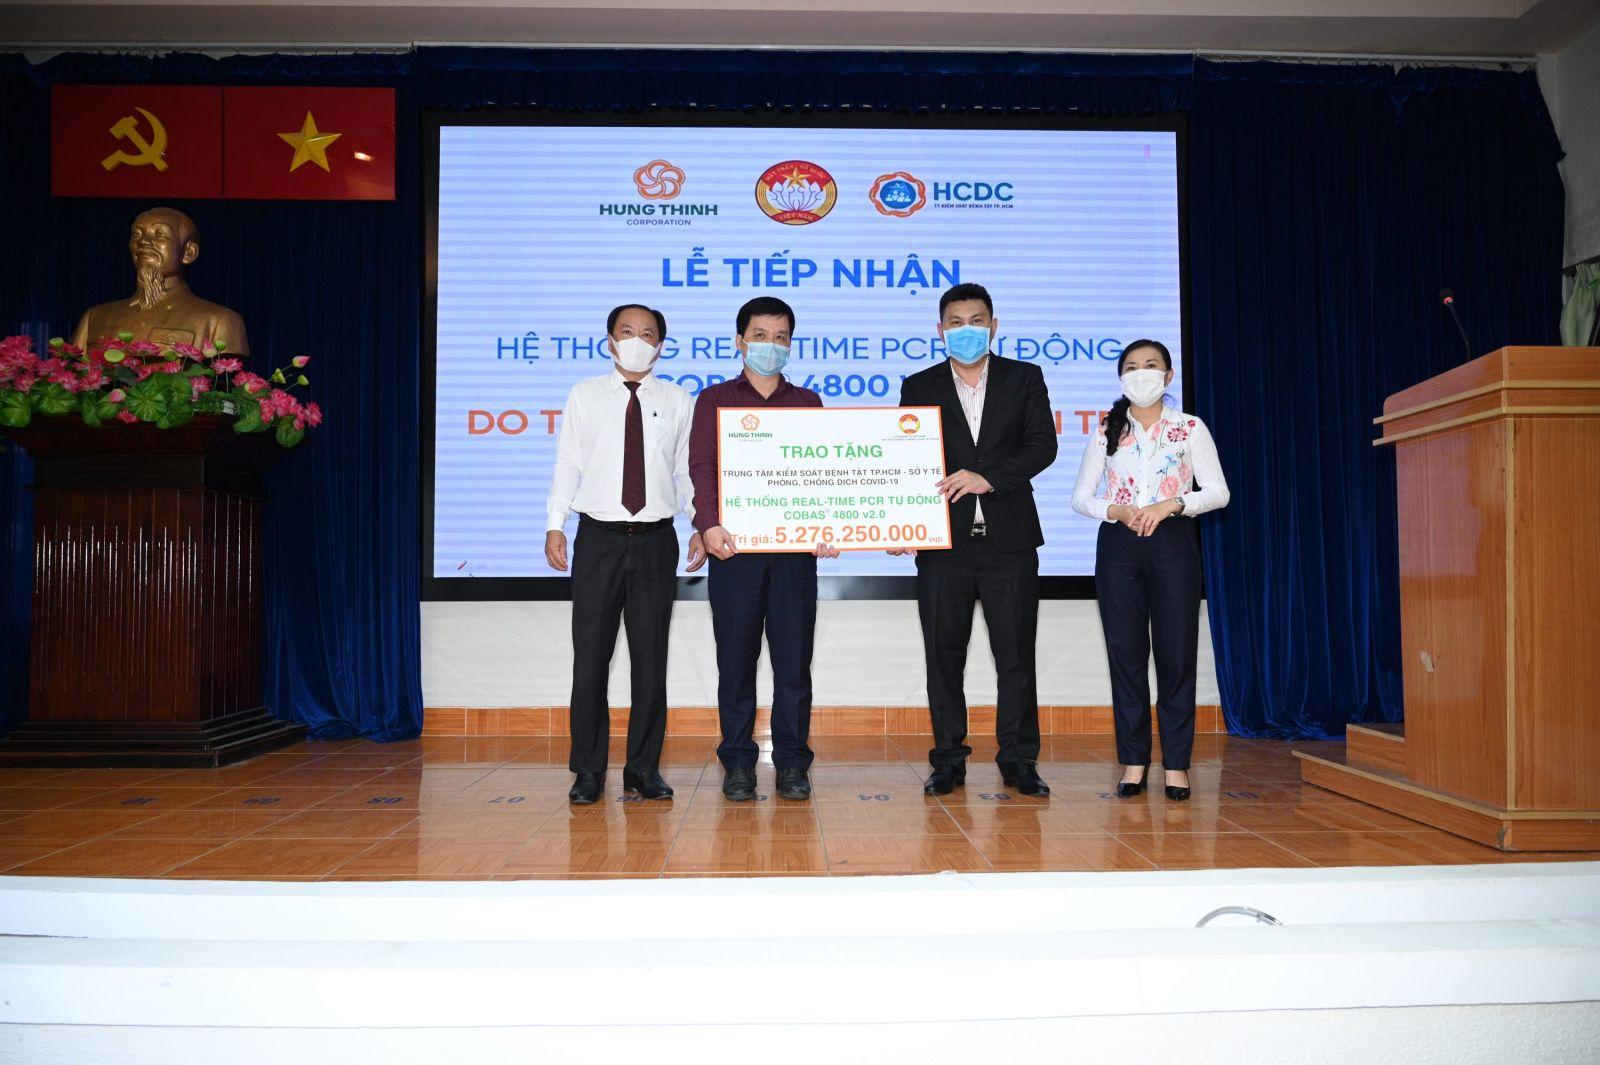 Tập đoàn Hưng Thịnh vừa trao tặng hệ thống máy xét nghiệm Real-time PCR tự động Cobas® 4800 v2.0 trị giá gần 5,3 tỷ đồng cho HCDC